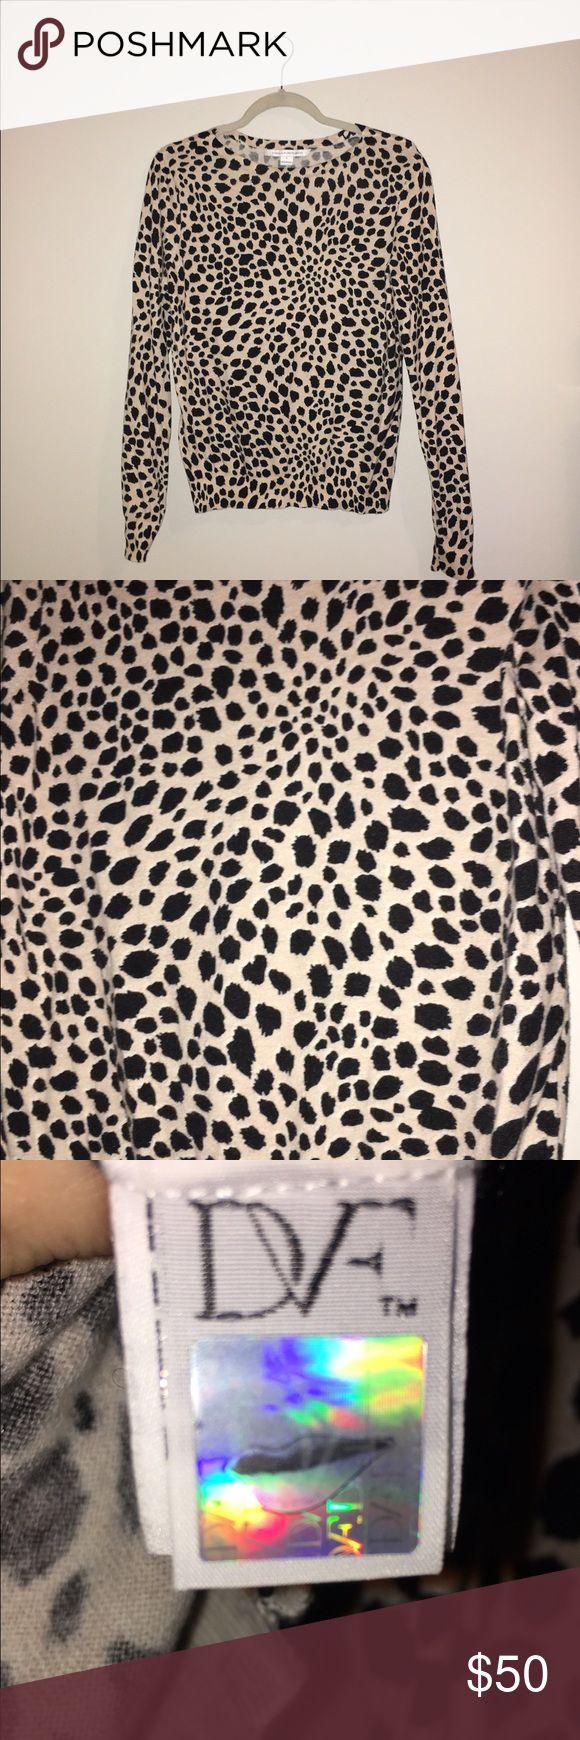 Diane Von Furstenburg Leopard Pullover Diane Von Furstenburg Leopard Pullover. Size large but fits a medium nicely. Great condition. 80% cotton, 20% silk Diane von Furstenberg Sweaters Crew & Scoop Necks